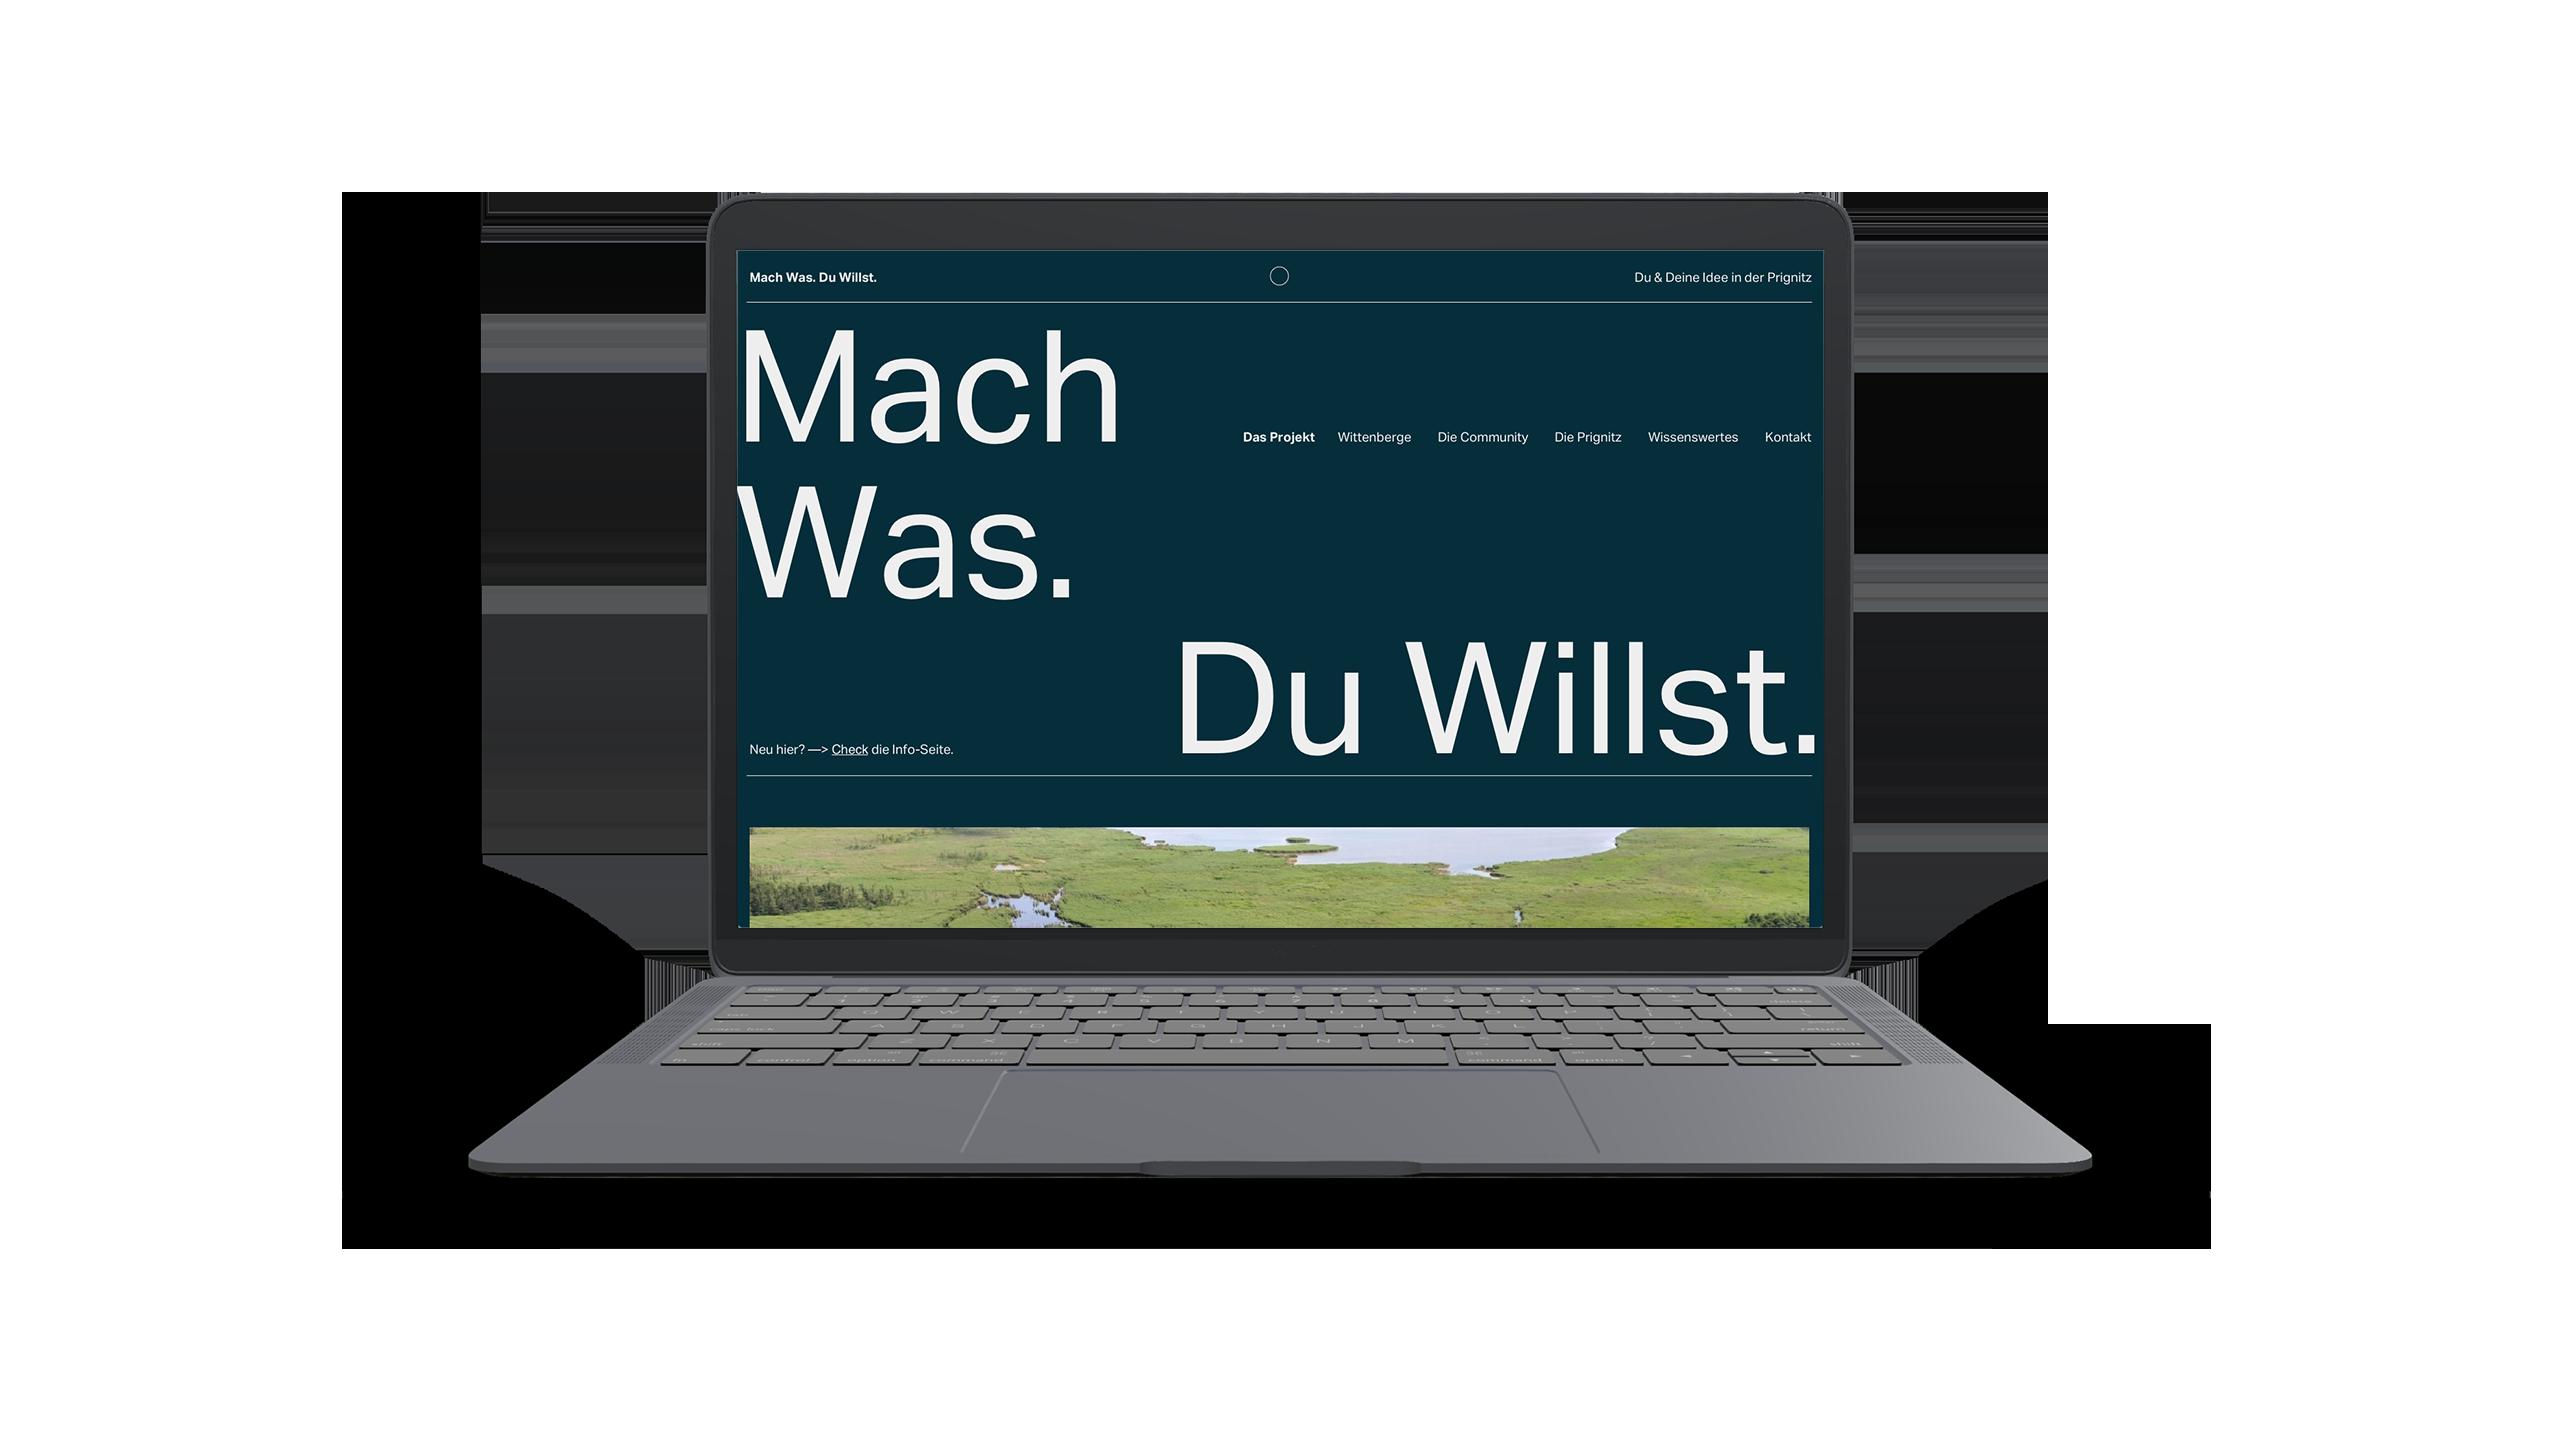 Mac-Was-Macbook-01